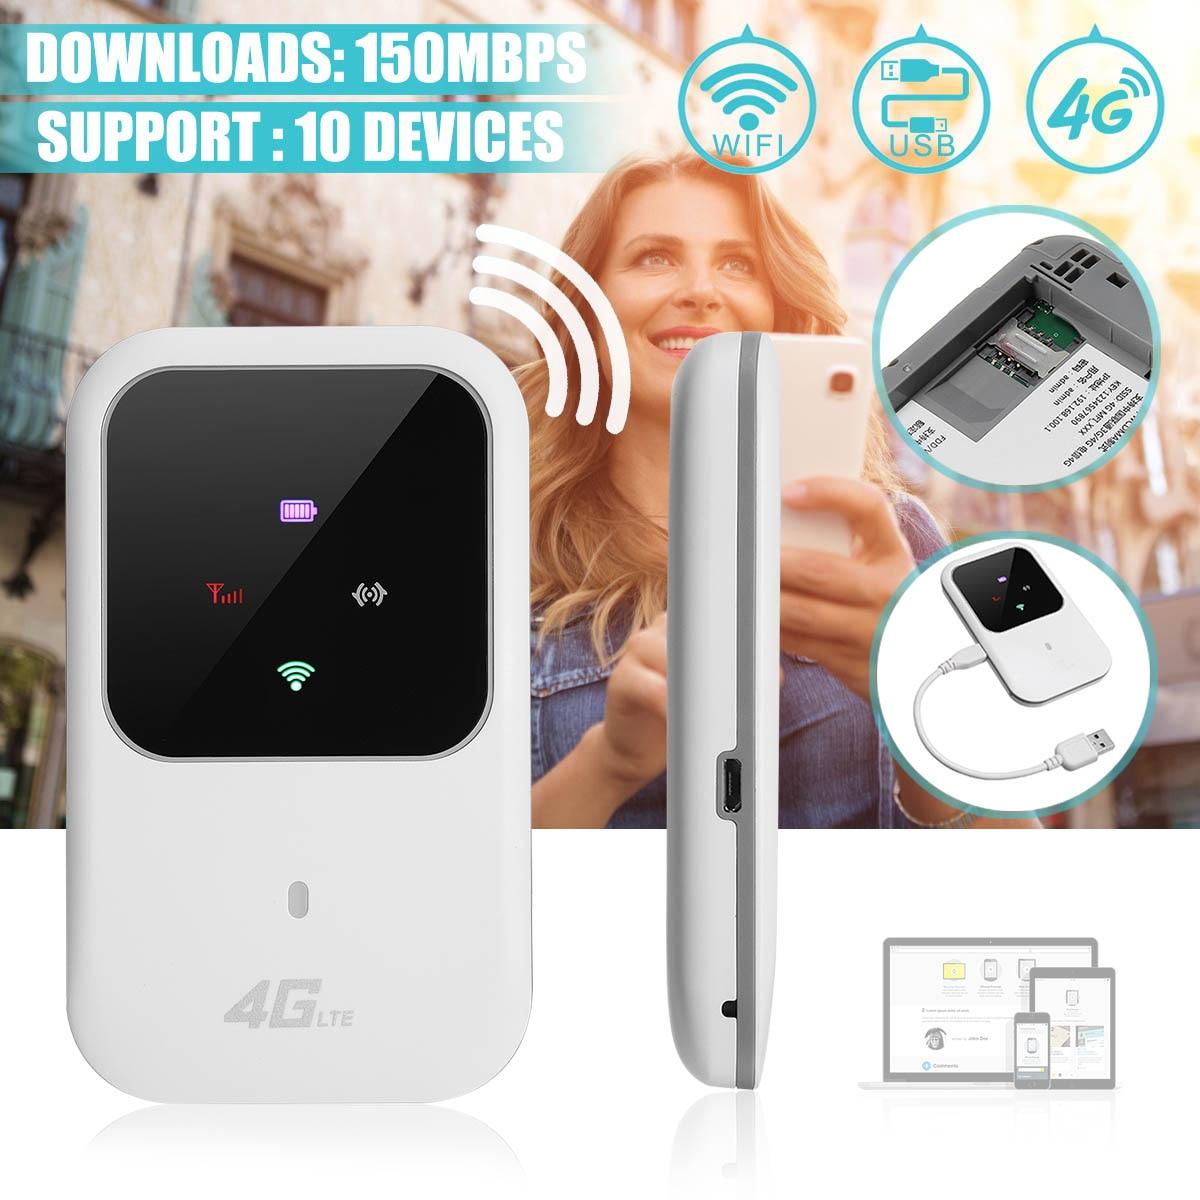 4G LTE routeur sans fil WiFi Mobile Hotspot LED lumières prend en charge 10 utilisateurs routeur Portable Modem pour voiture maison Mobile voyage Camping